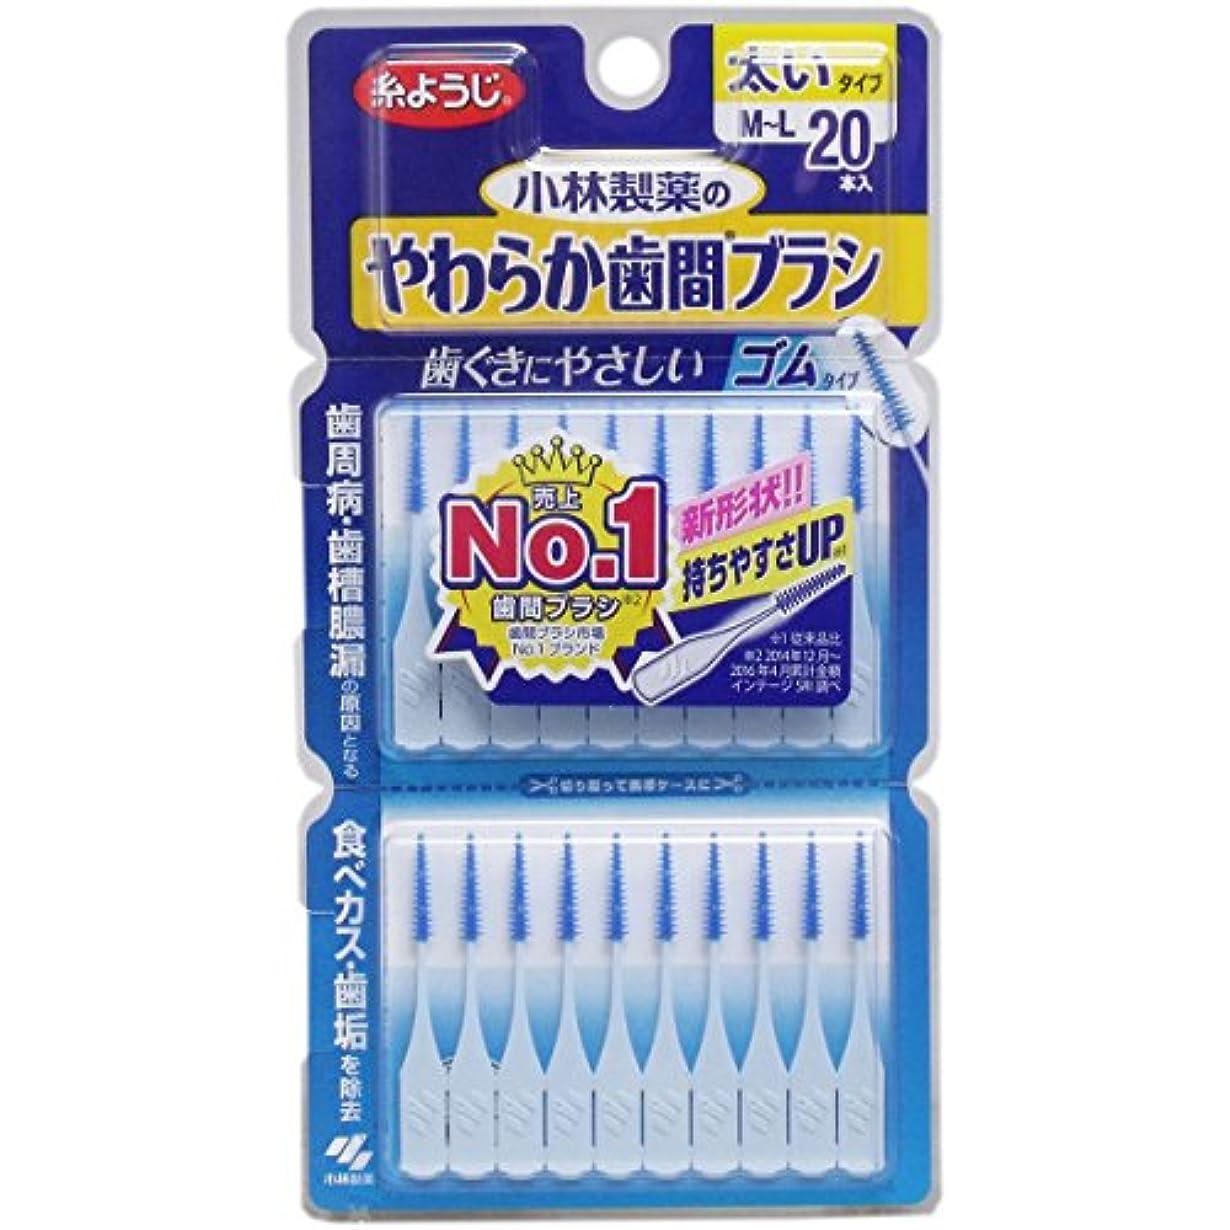 やわらか歯間ブラシM-Lサイズ20本×10